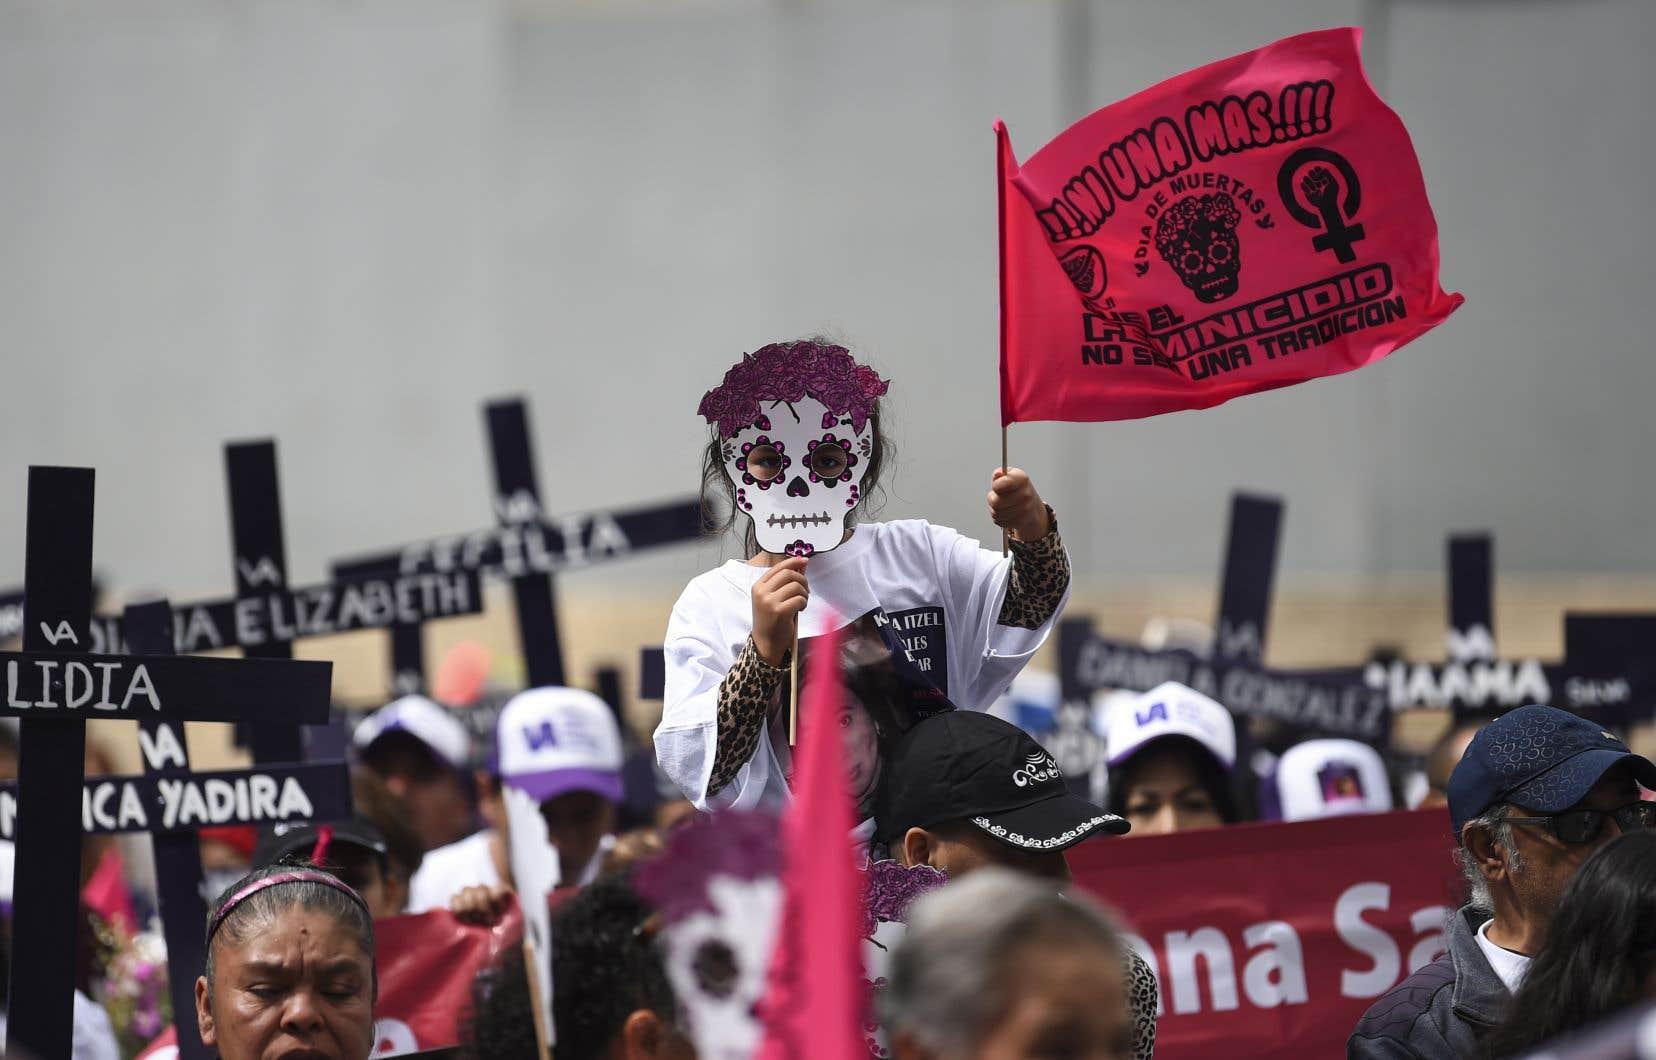 Le Mexique est considéré comme l'un des pays les plus violents au monde, notamment pour les femmes, avec le chiffre le plus élevé de féminicides en Amérique latine.